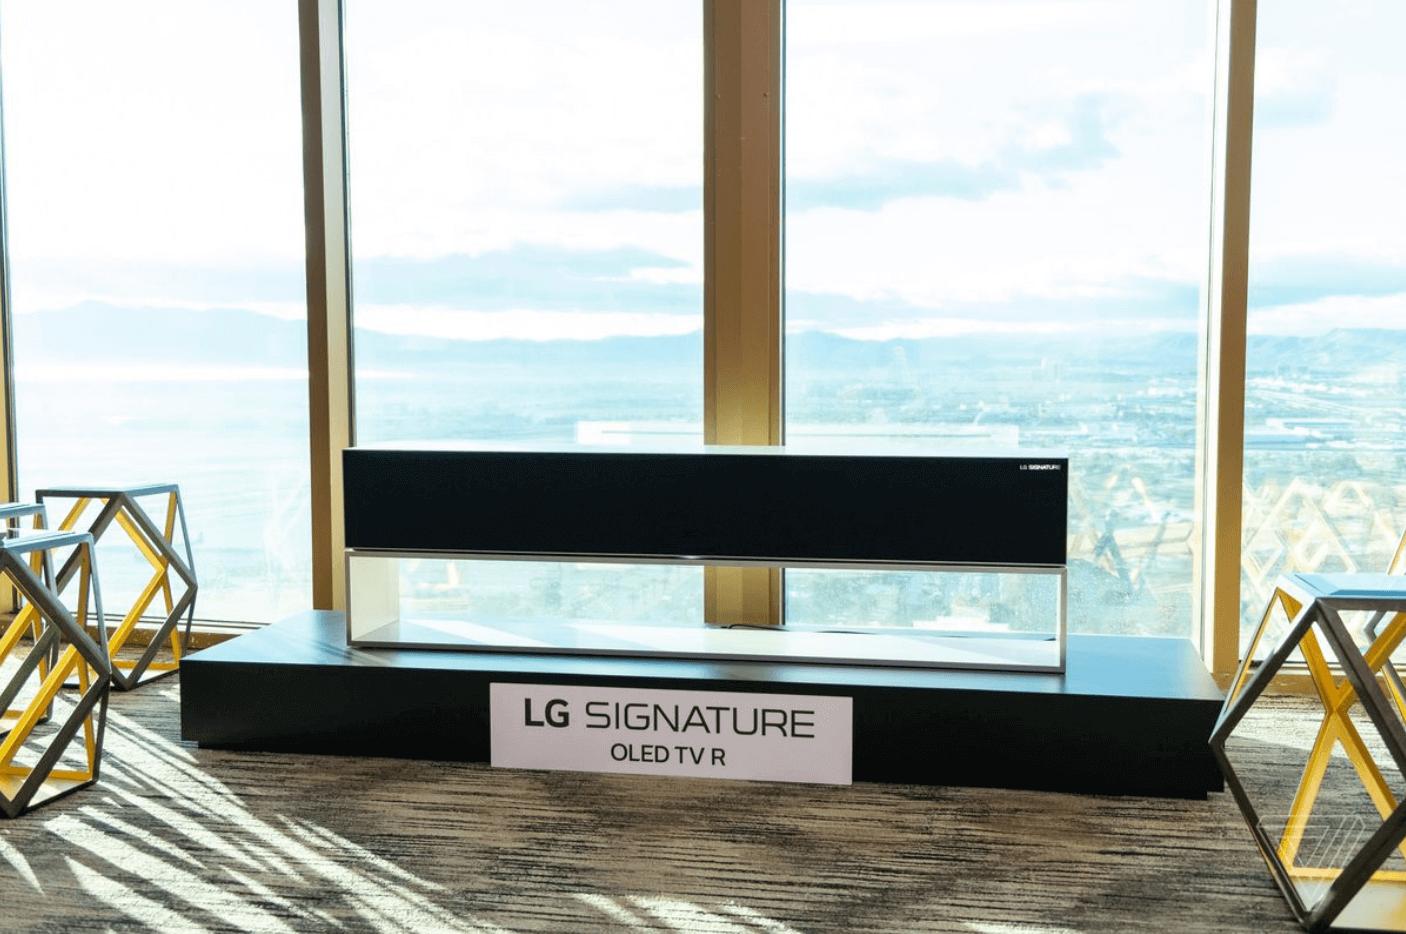 LG сделала большой экран незаметным